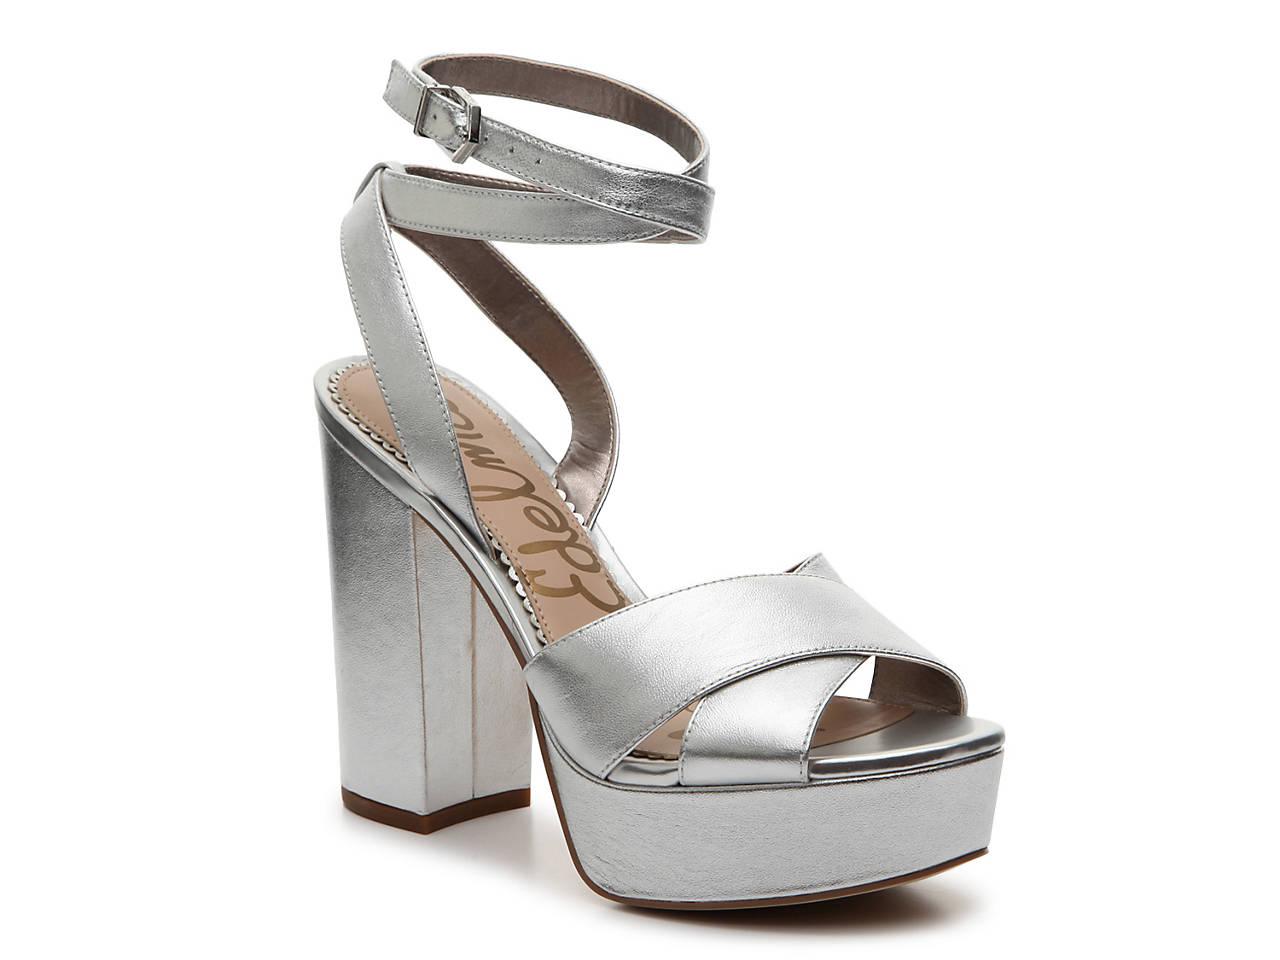 a85a13b87c96 Sam Edelman Mara Platform Sandal Women s Shoes